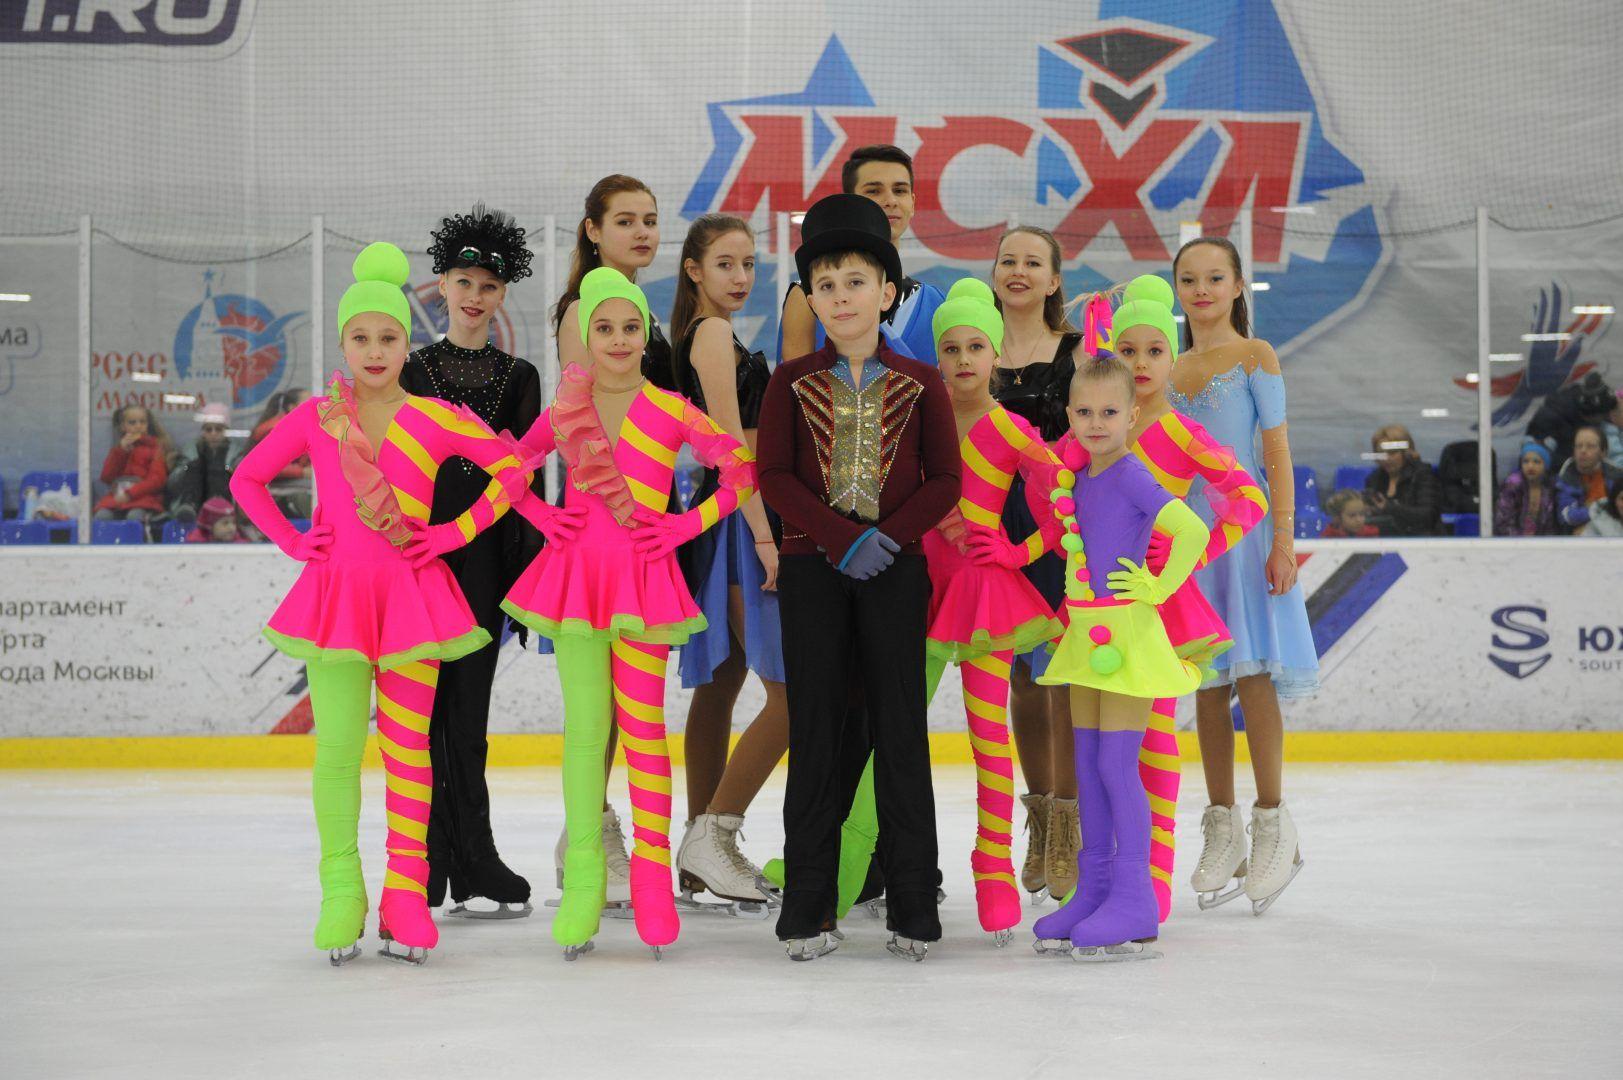 Детский танцевальный коллектив предствил яркую программу на льду. Фото: Игорь Генералов